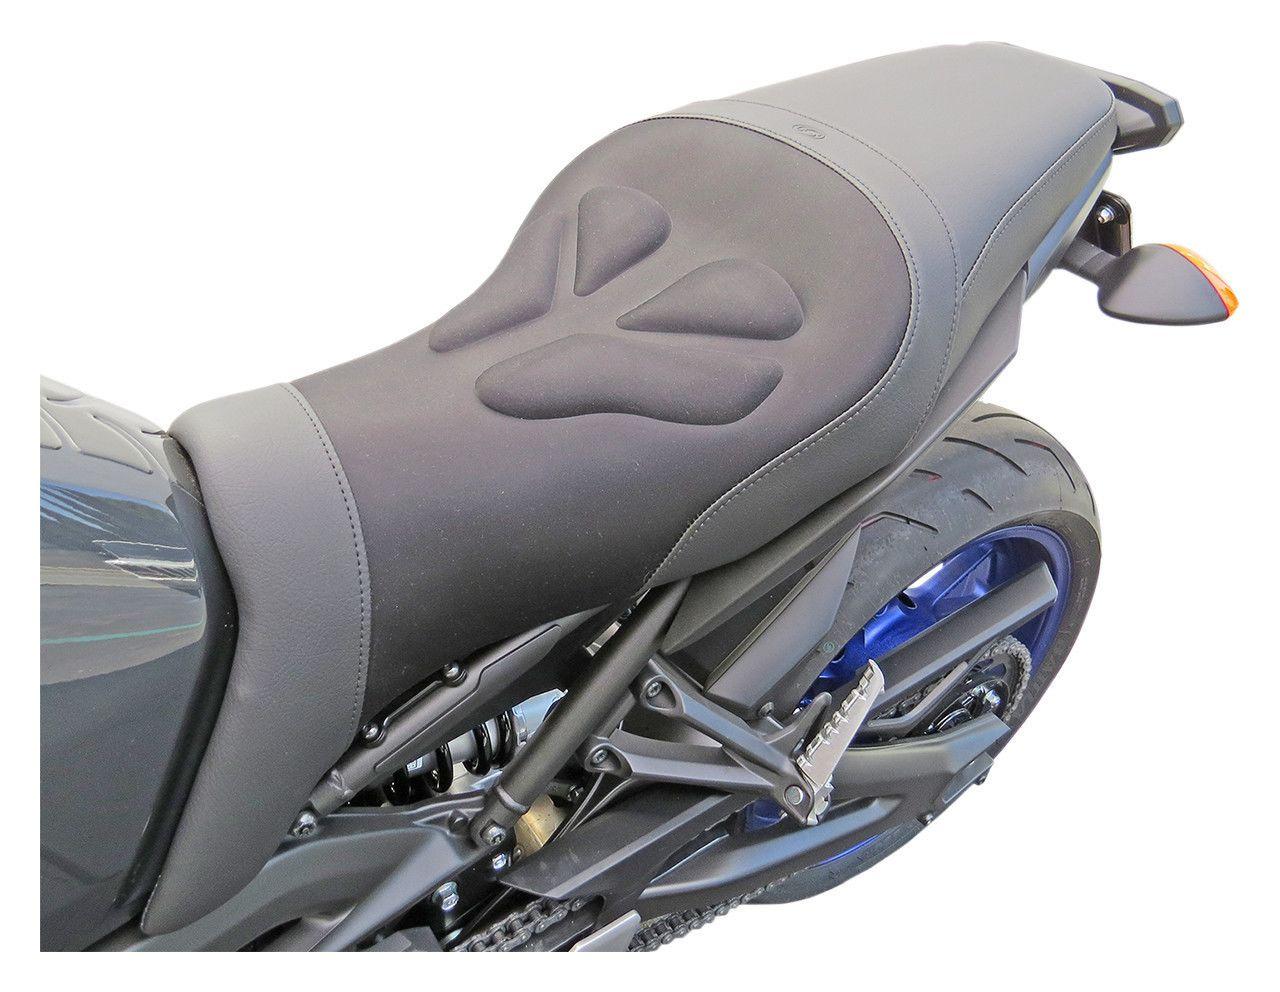 Saddlemen gel channel tech seat yamaha fz 09 2014 2015 for Yamaha capital one customer service